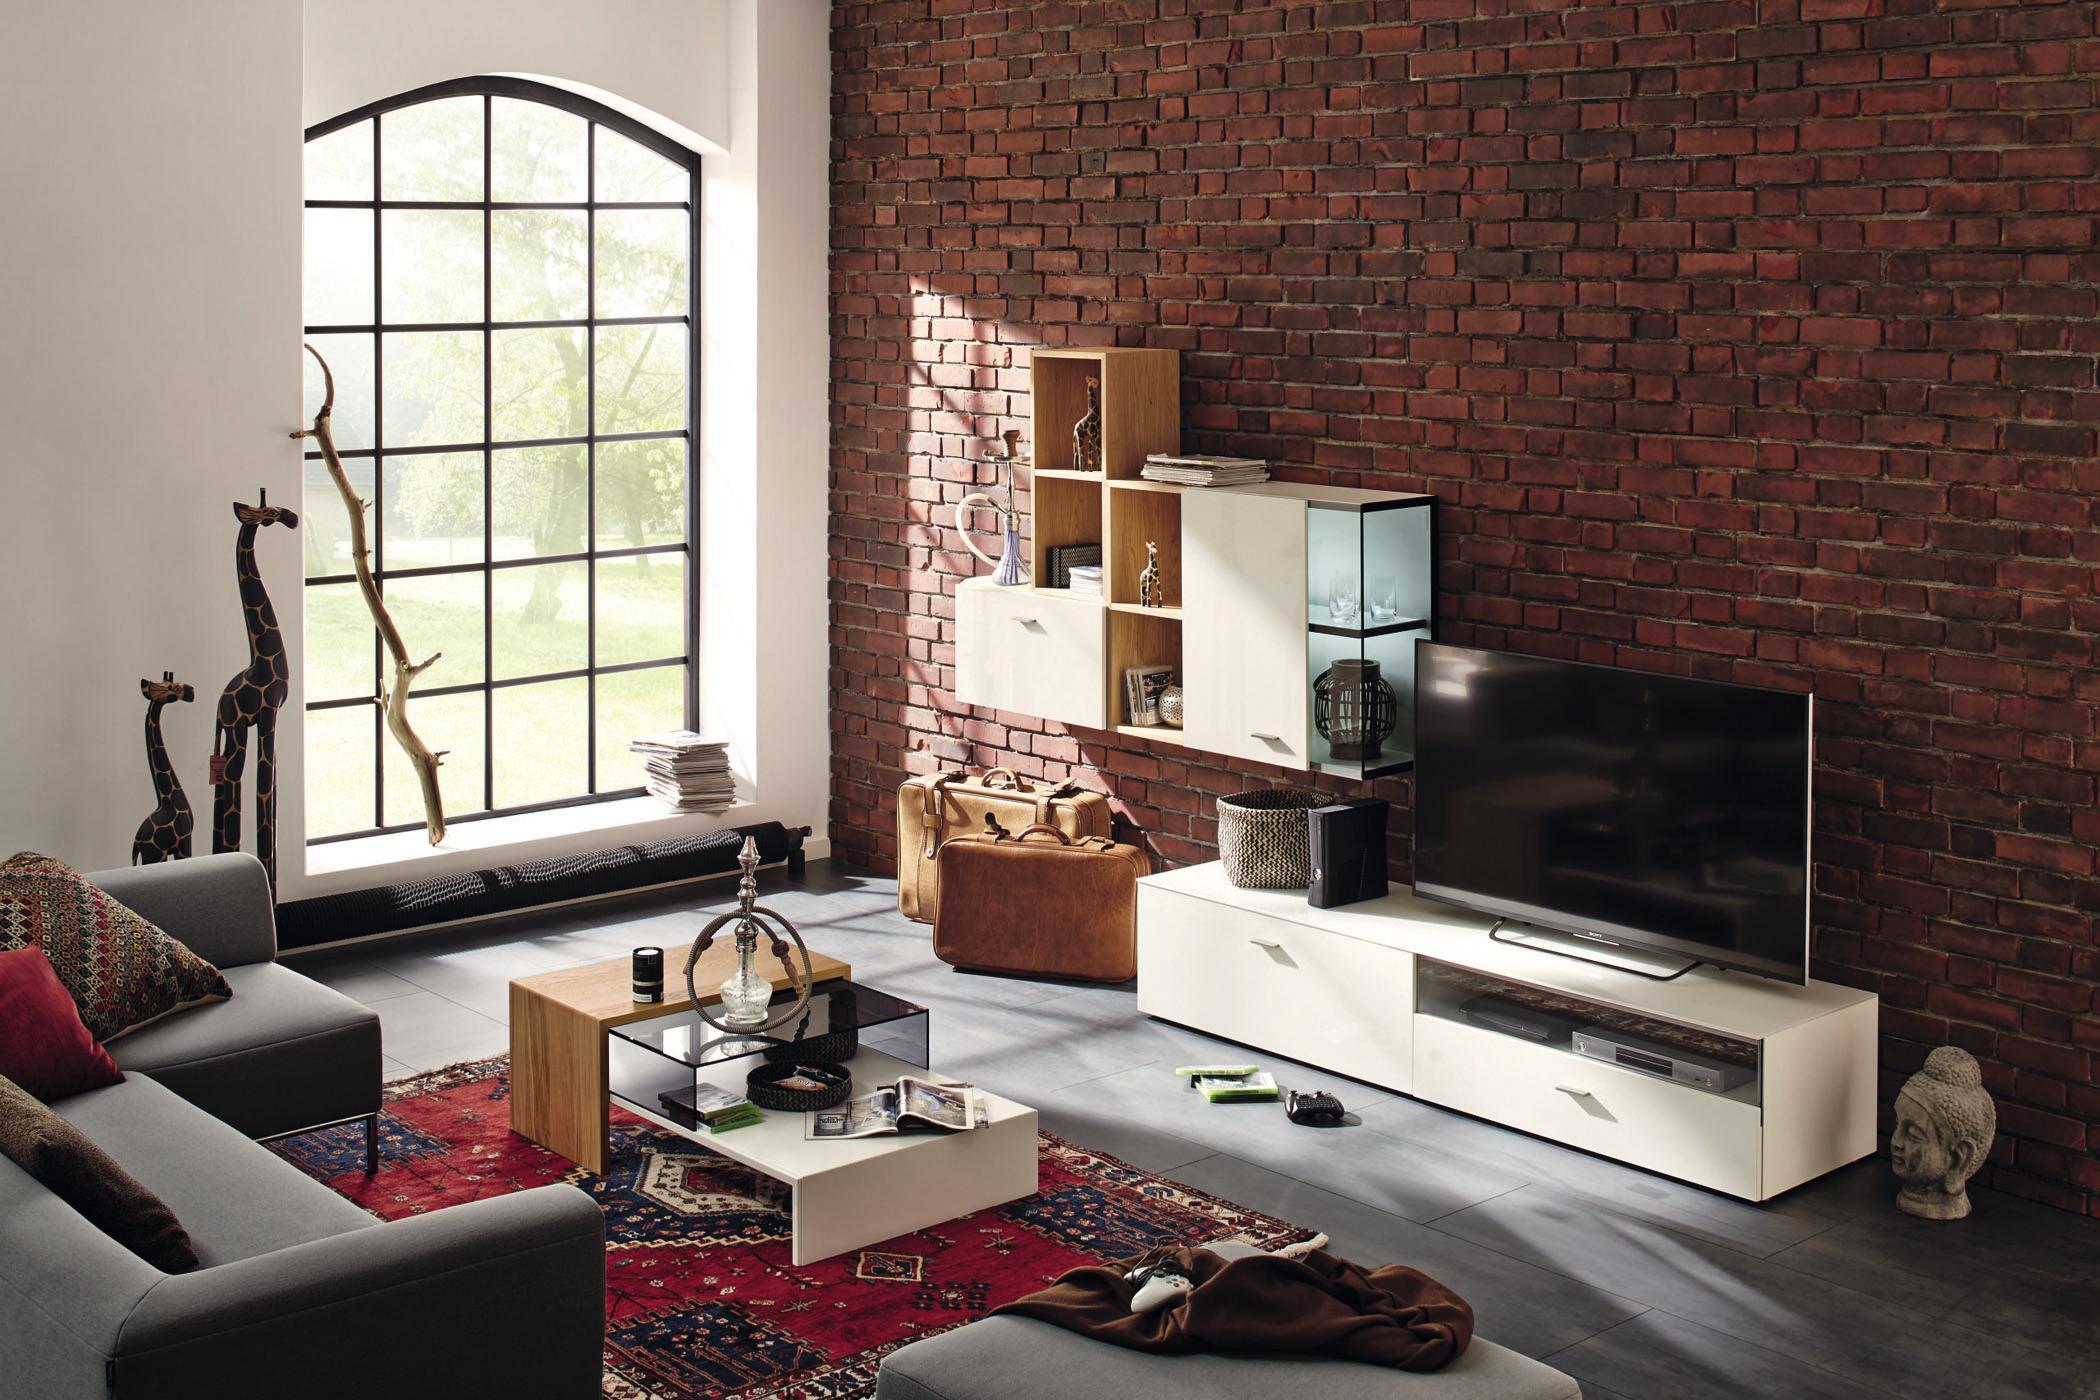 Moderne Wohnwand In Weiss Couchtisch Backsteinwand Wohnzimmergestaltung Zimmergestaltung Cnow